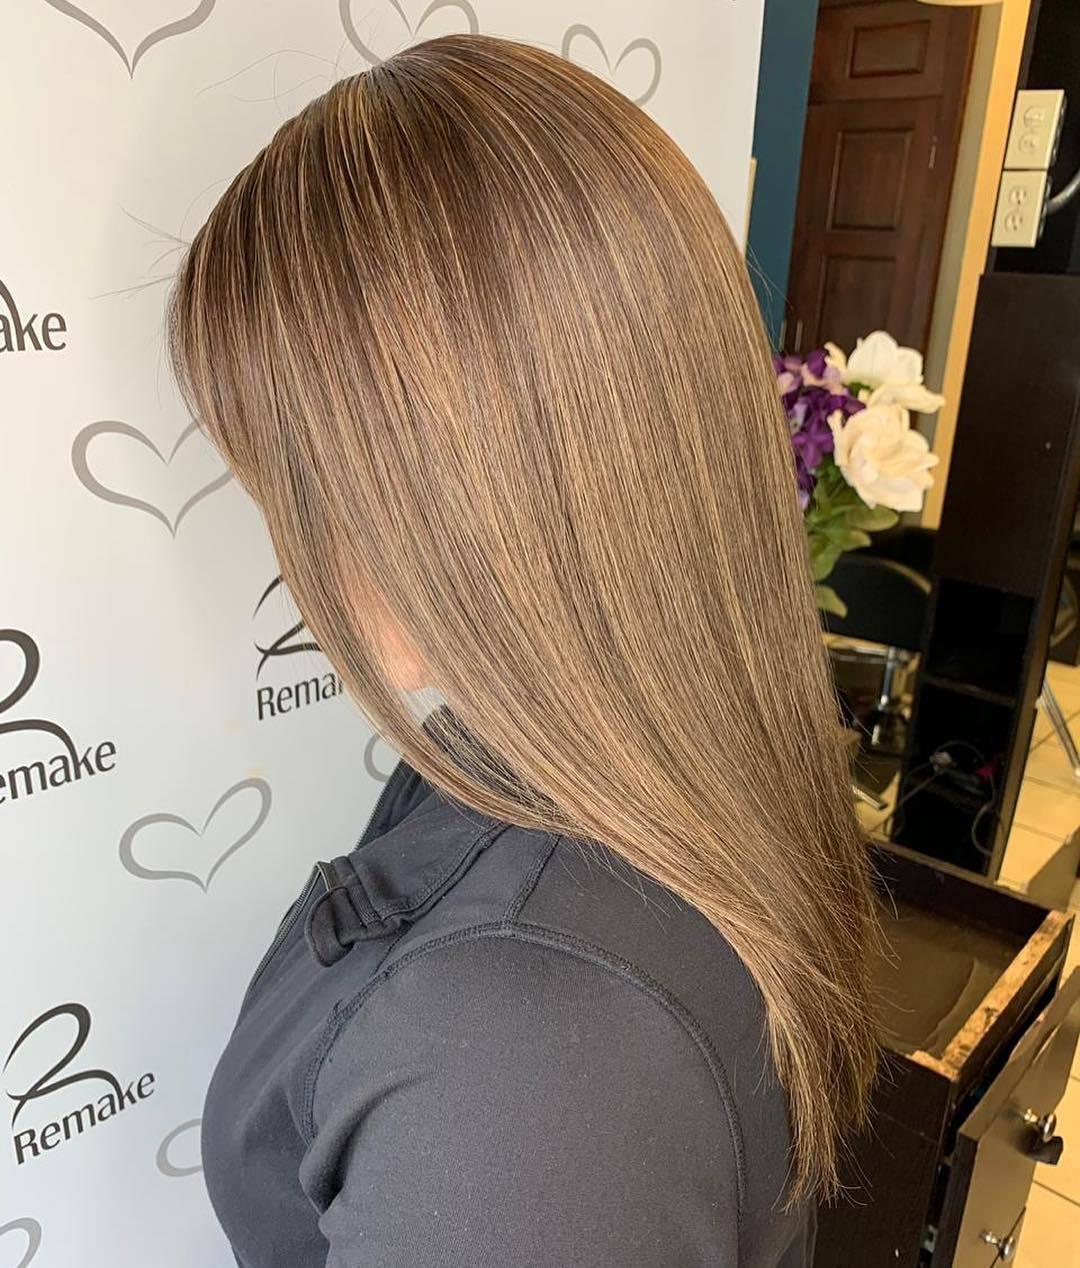 Photo d'une femme dans un salon avec des cheveux longs et raides au caramel